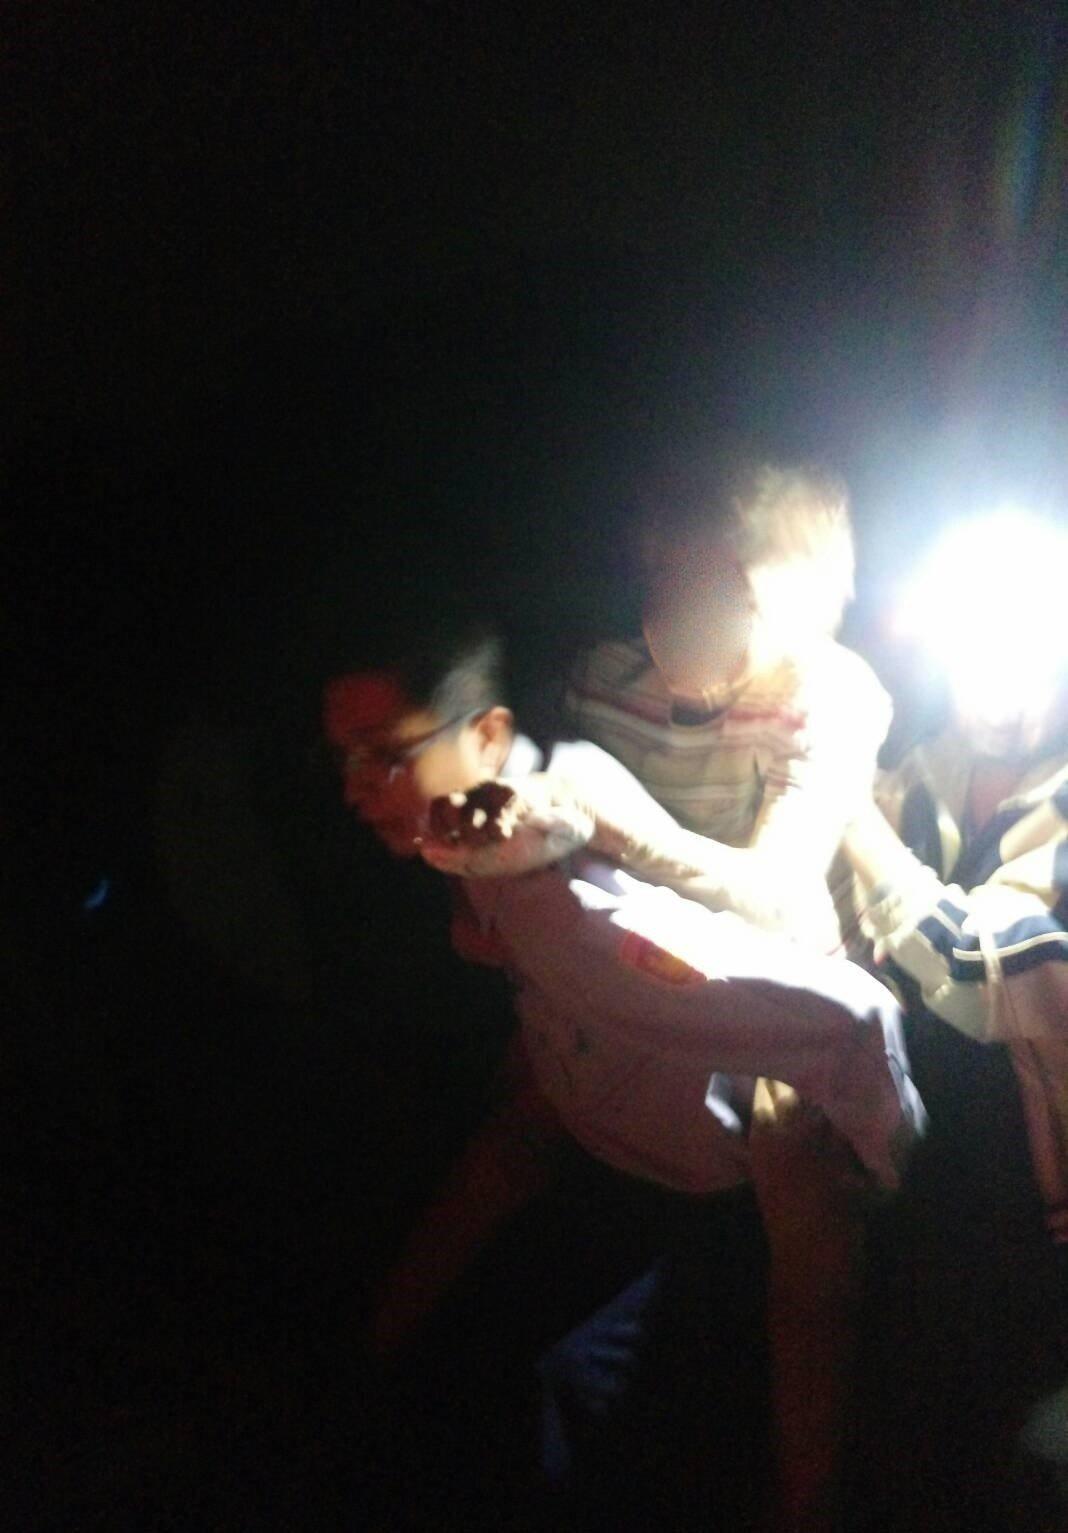 台南玉井警分局玉山派出所員警將老婦人背抱下山。記者吳淑玲/翻攝